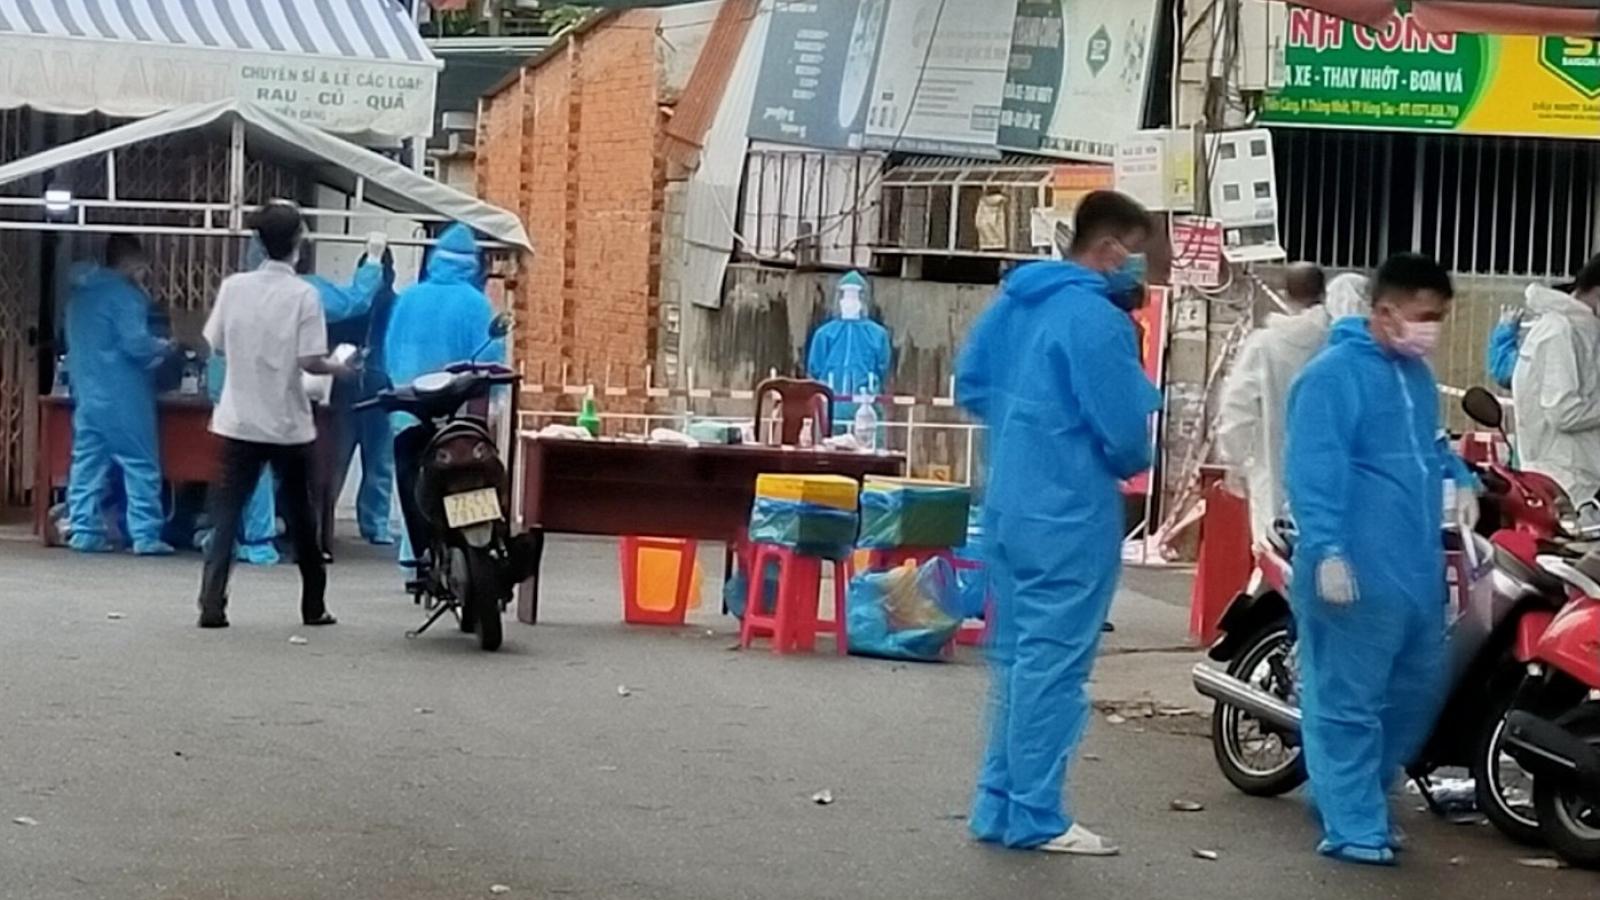 Phát hiện ổ dịch mới chưa rõ nguồn lây ở thành phố Vũng Tàu